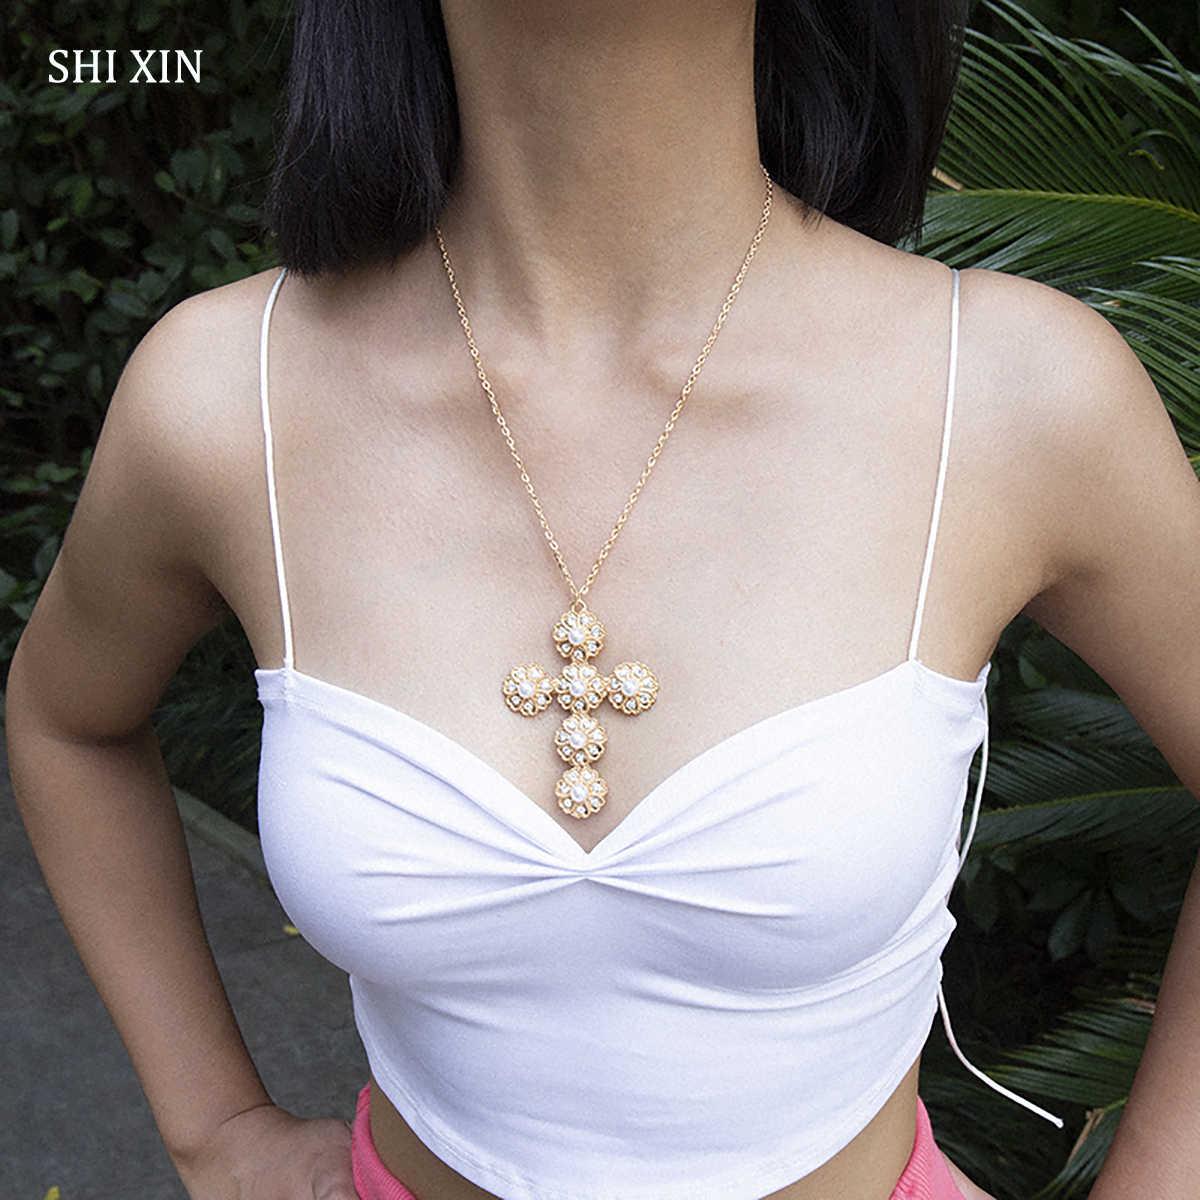 SHIXIN moda koreański wielki krzyż Pendnat naszyjnik Punk złoty/długi łańcuszek srebrny wyróżniający się naszyjnik perła krzyż naszyjnik kobiet prezent